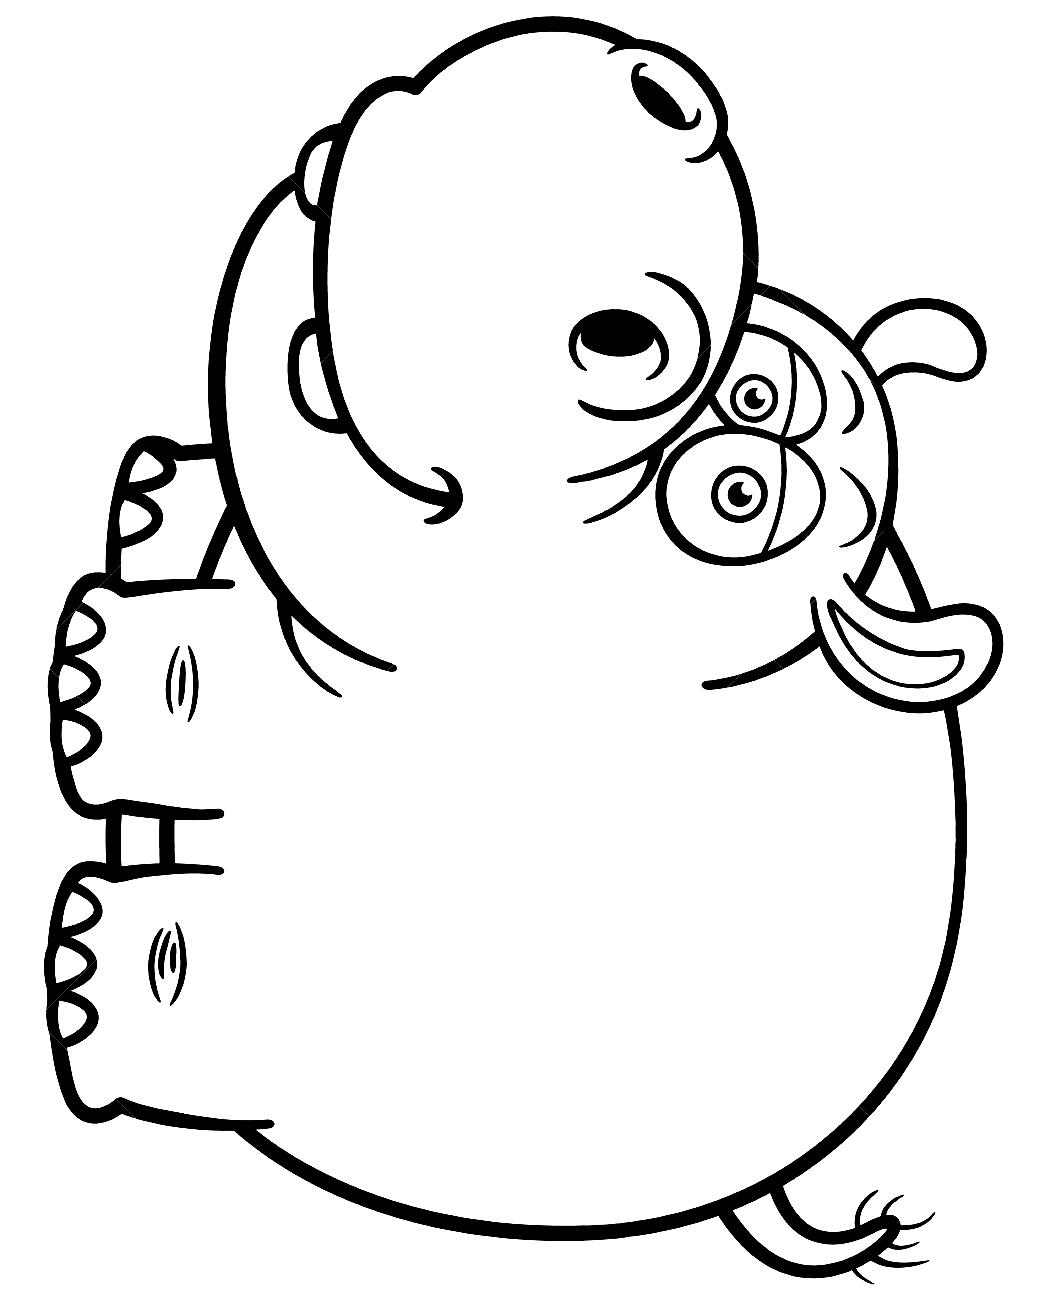 Disegno 22 di ippopotami da stampare e colorare